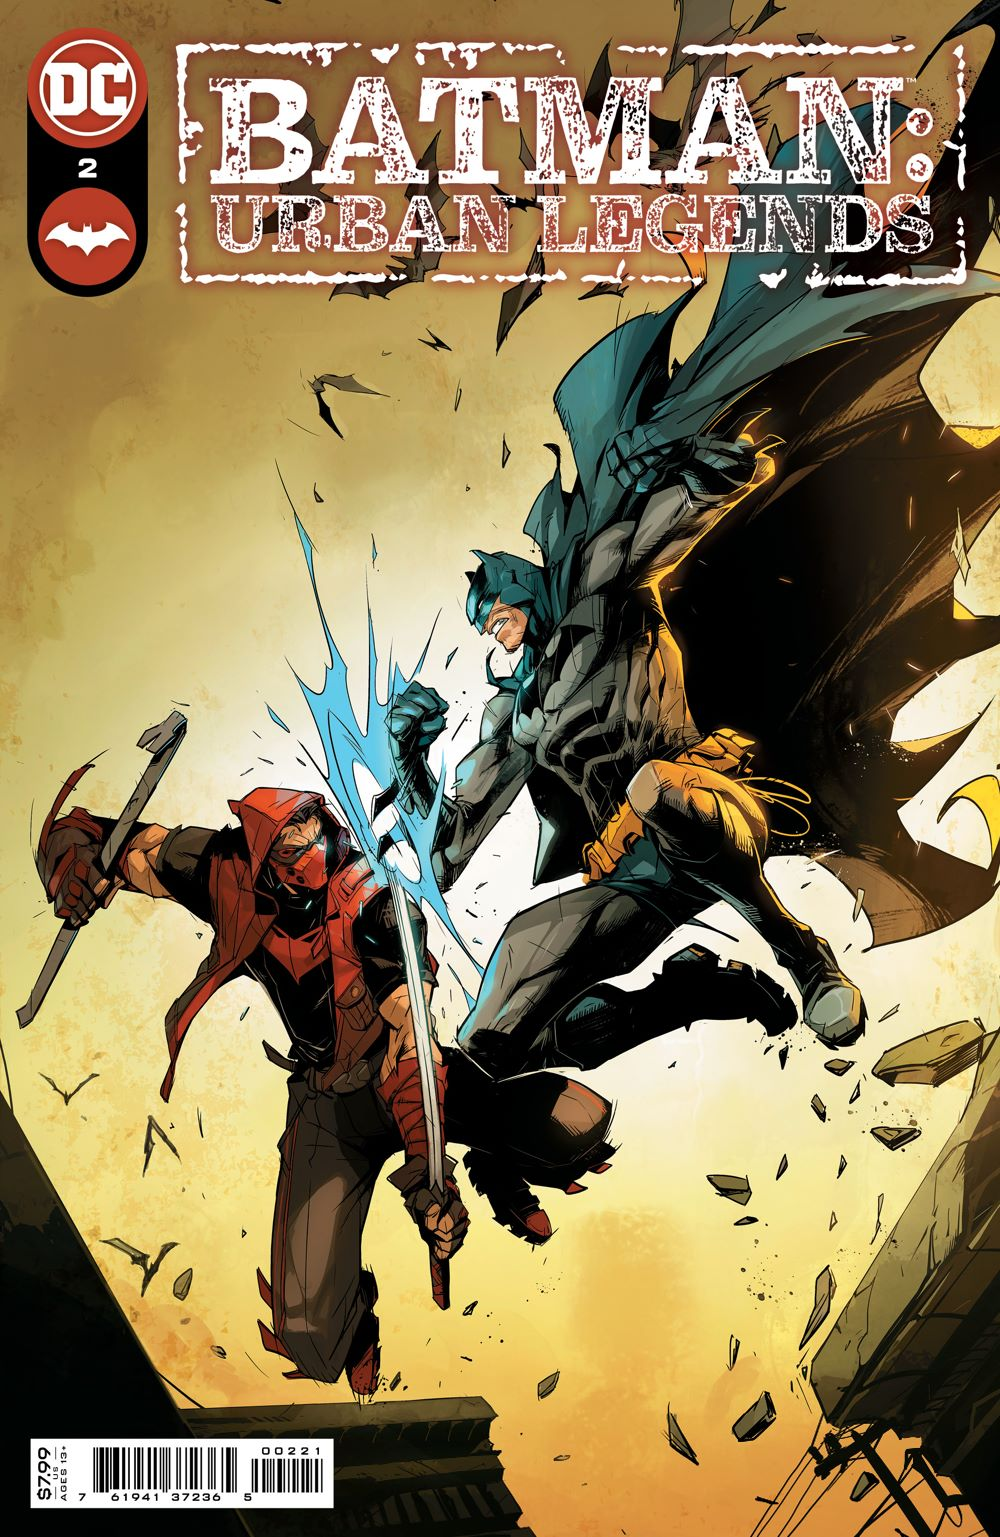 BATMAN_URBAN_LEGENDS_Cv2 DC Comics April 2021 Solicitations